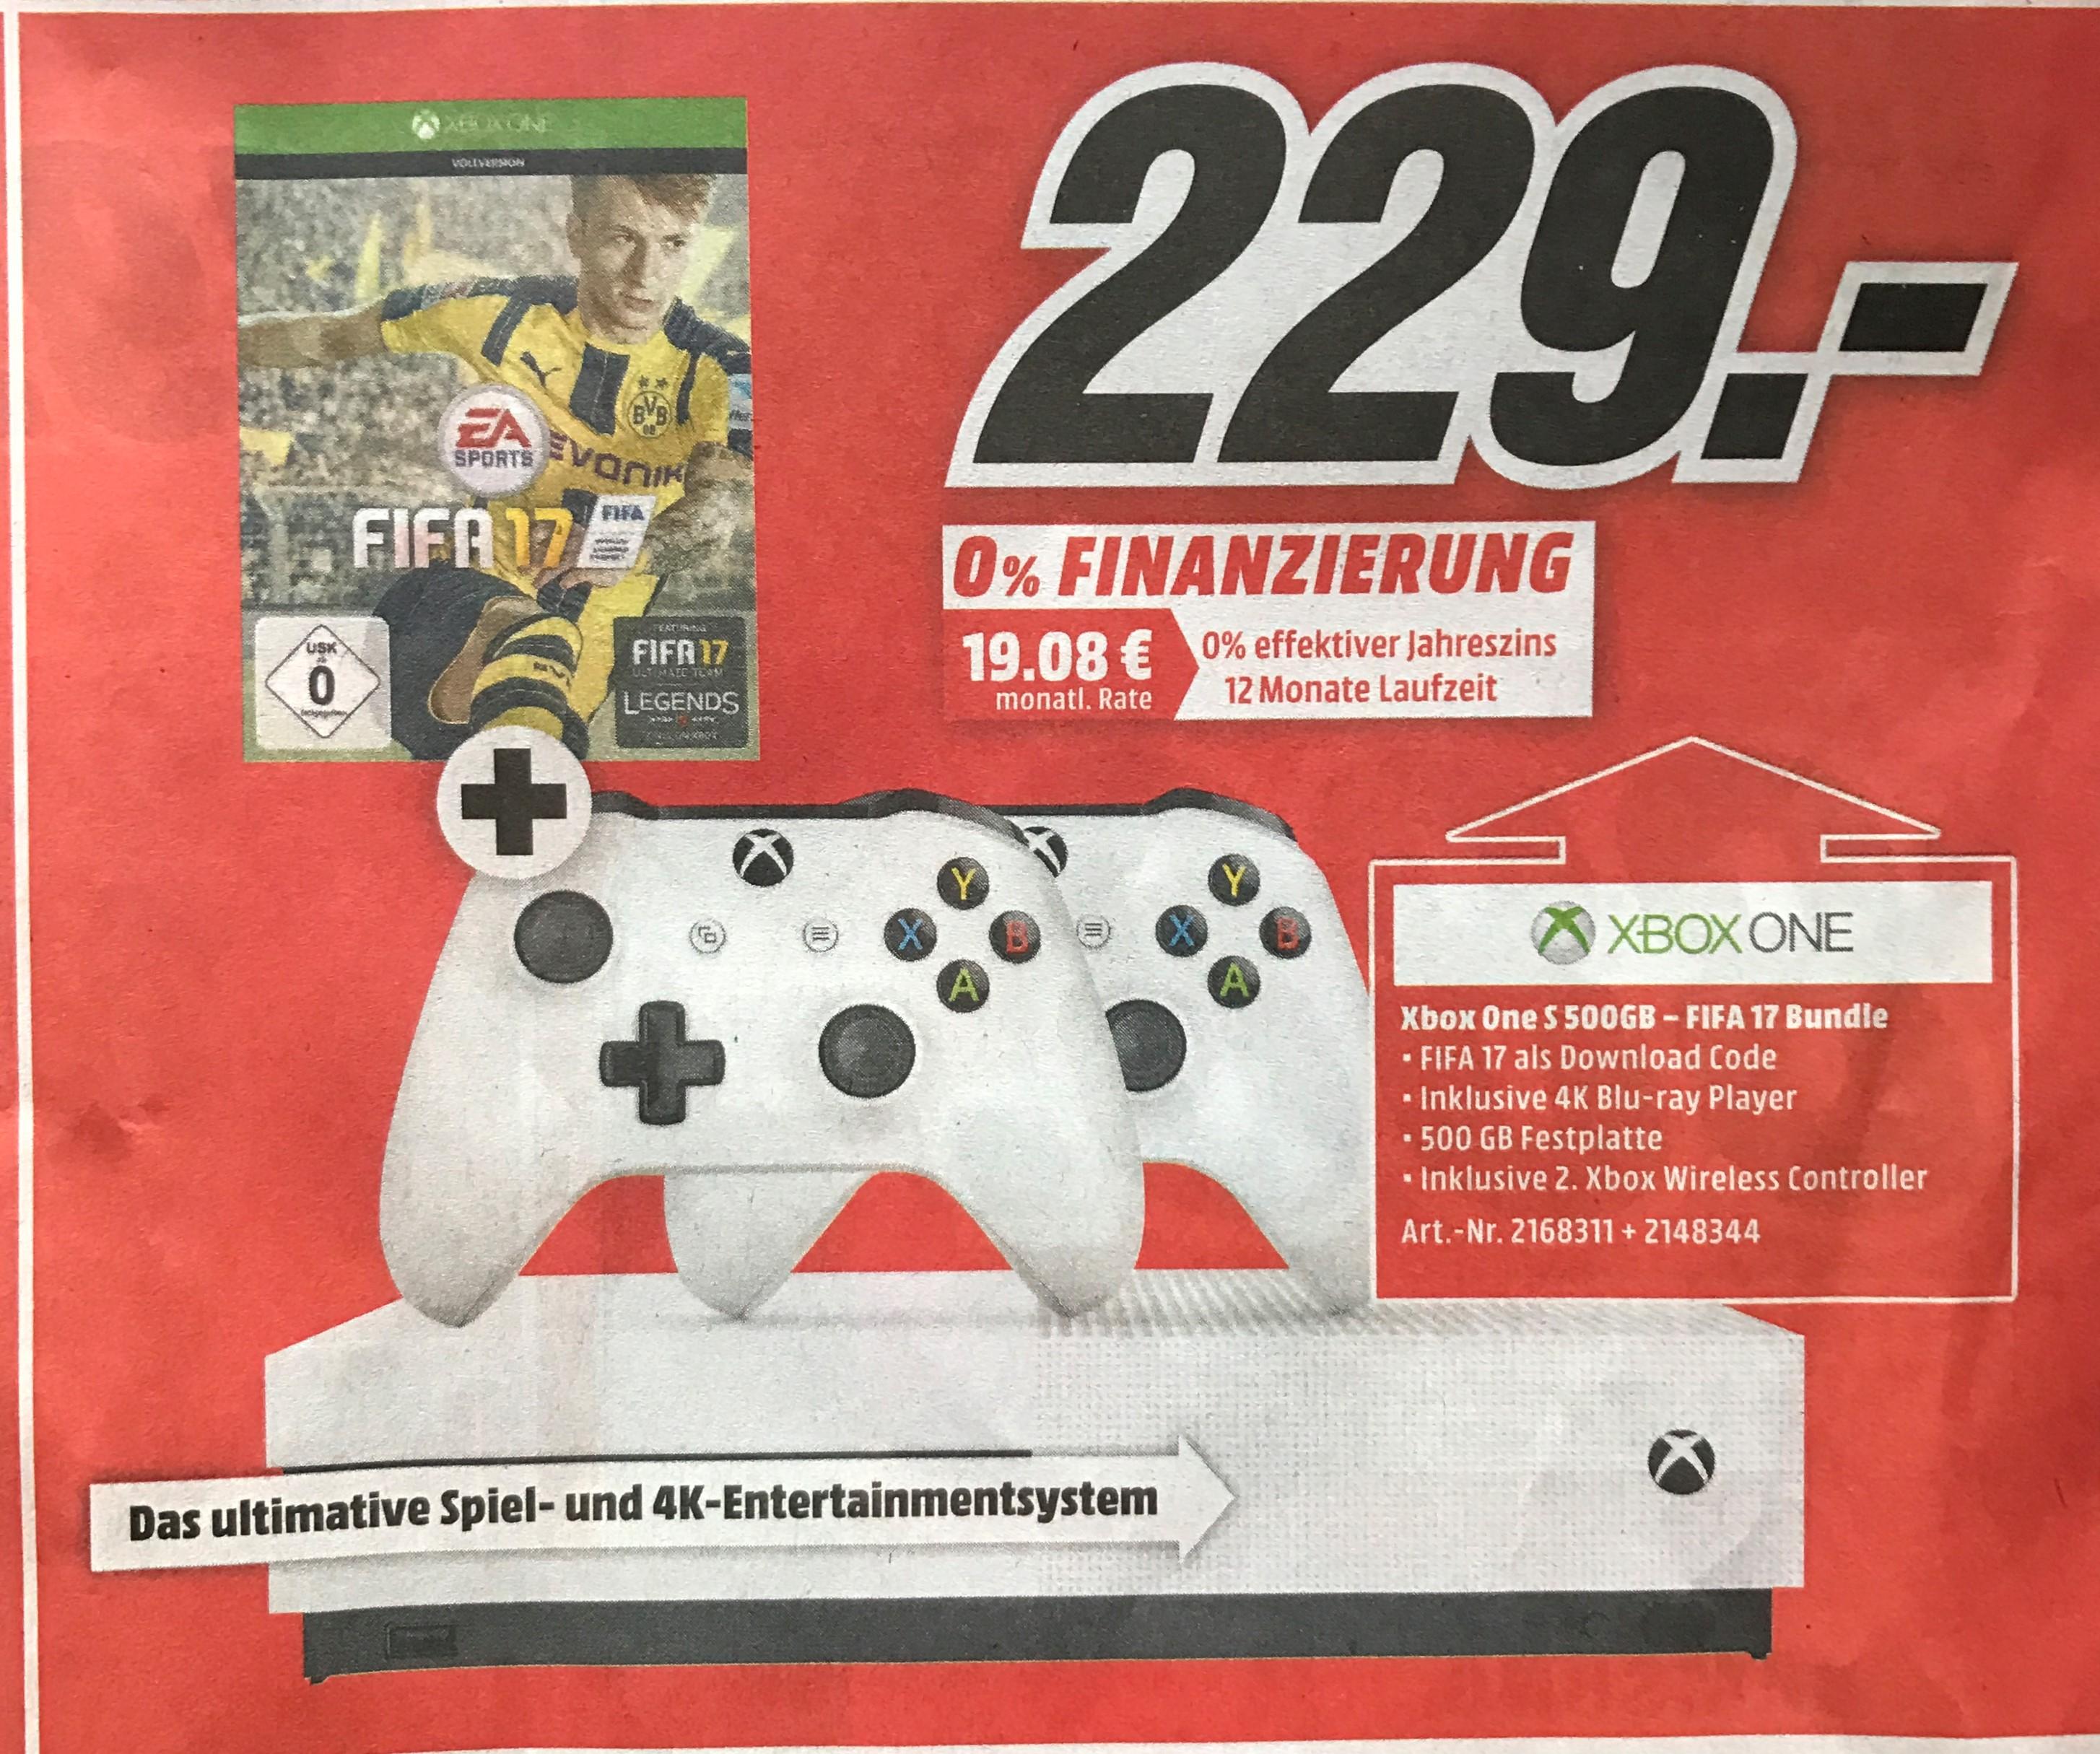 [Mediamarkt Heilbronn] Xbox One S 500GB mit Fifa 17 und 2. Controller für 229€ (mit einem Jahr Xbox Live 254€)